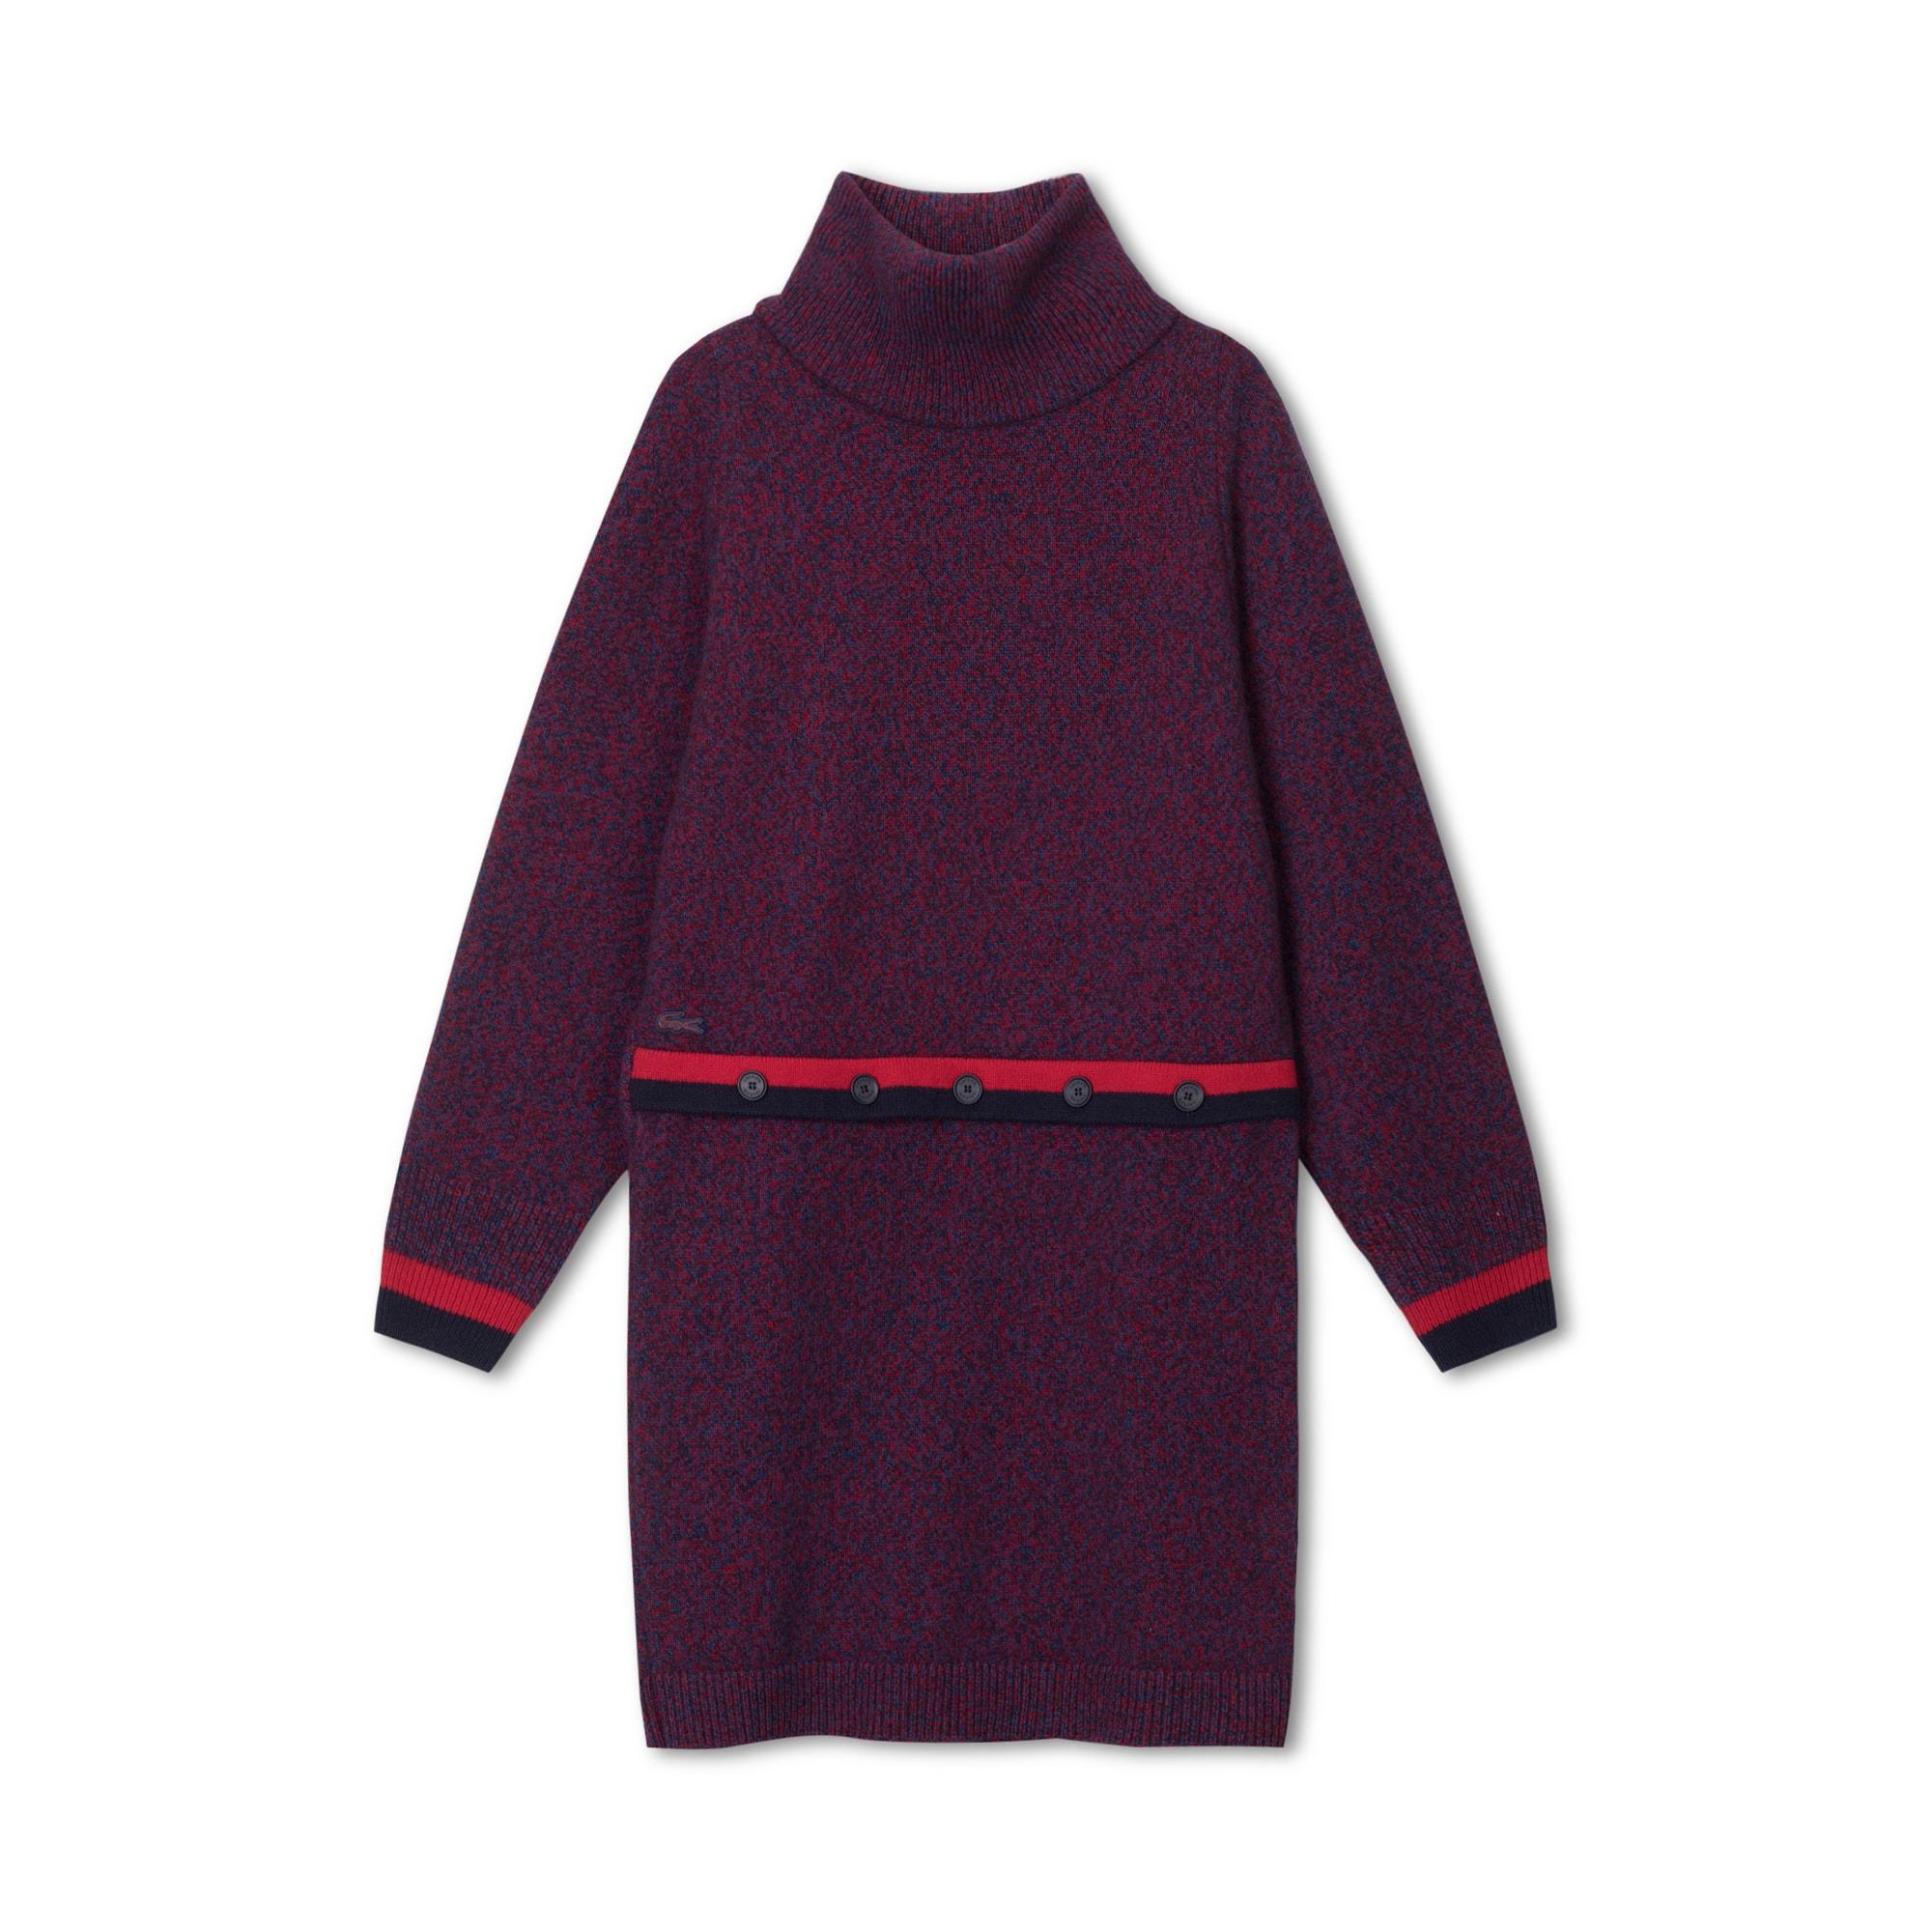 法国制造女士撞色点缀平纹单面针织面料毛衫连衣裙